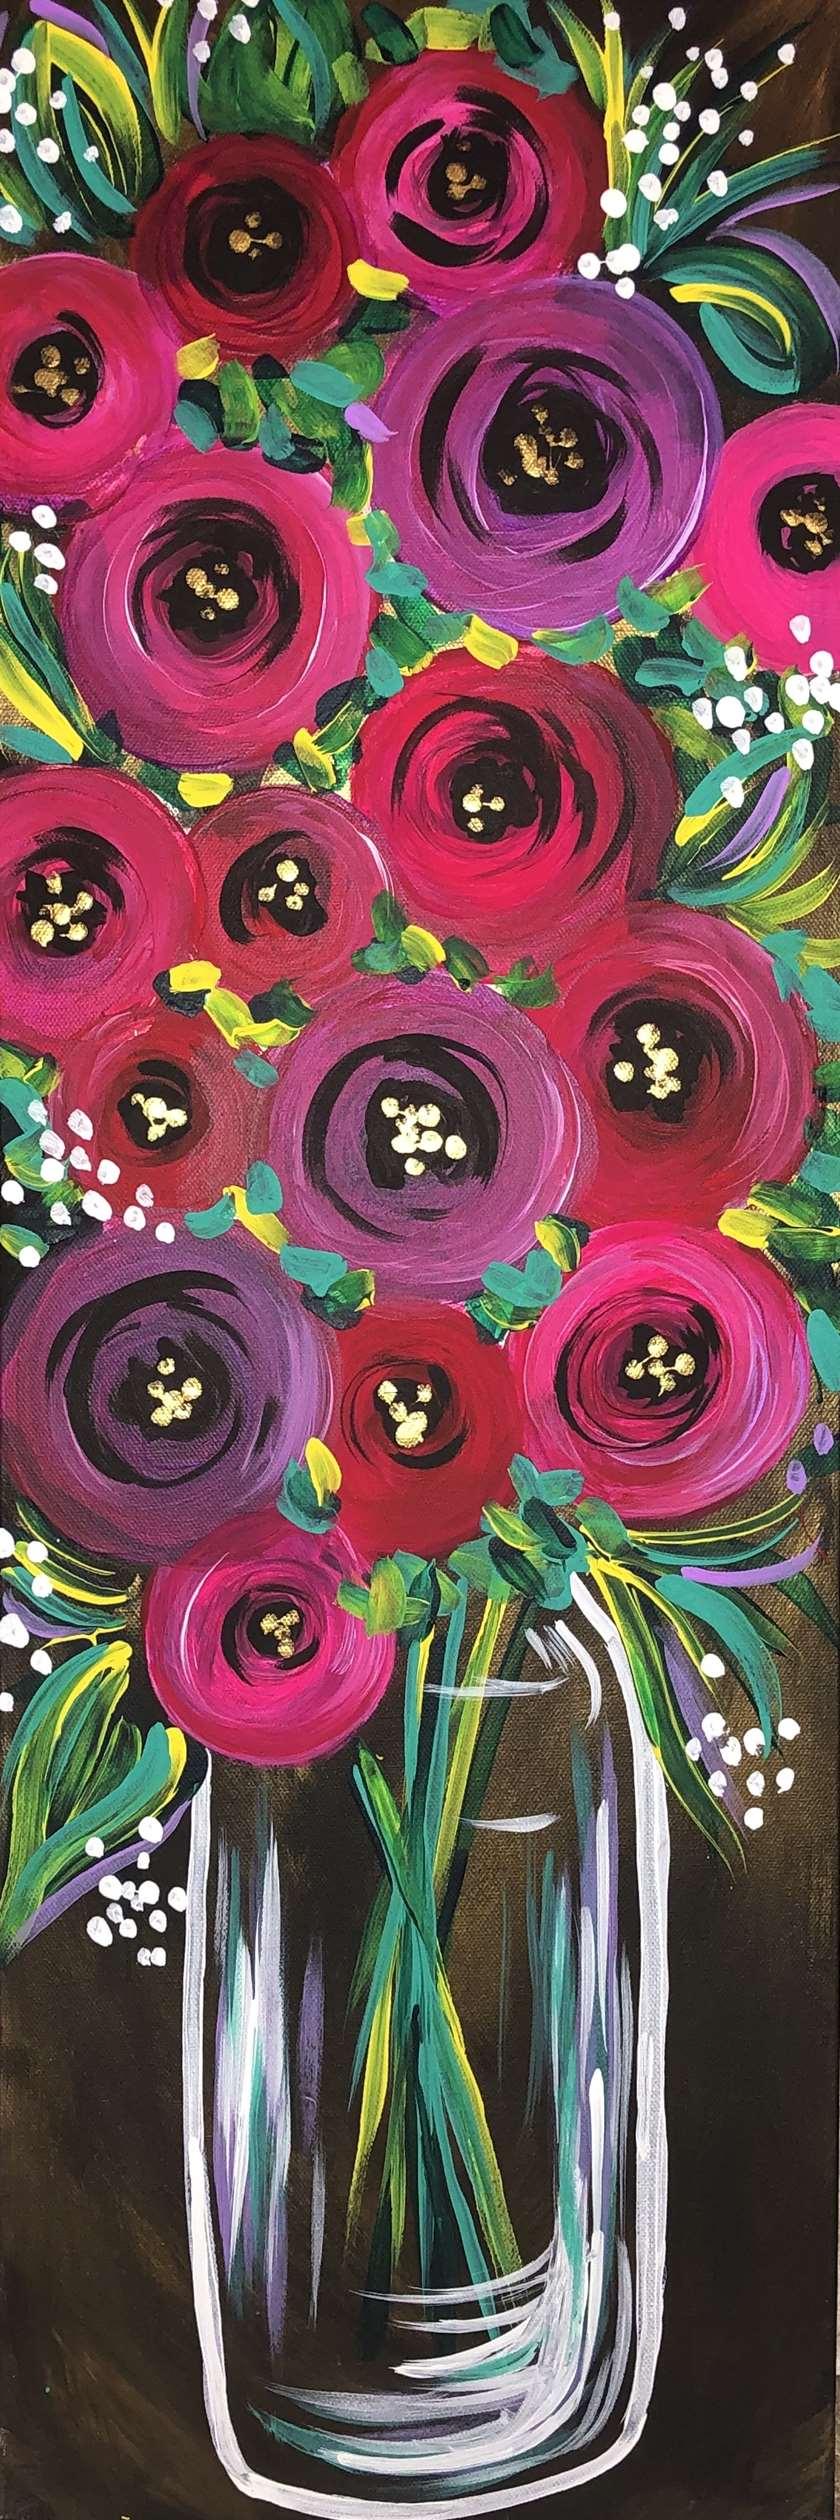 10 x 30 Canvas!  Raspberry Rosettes